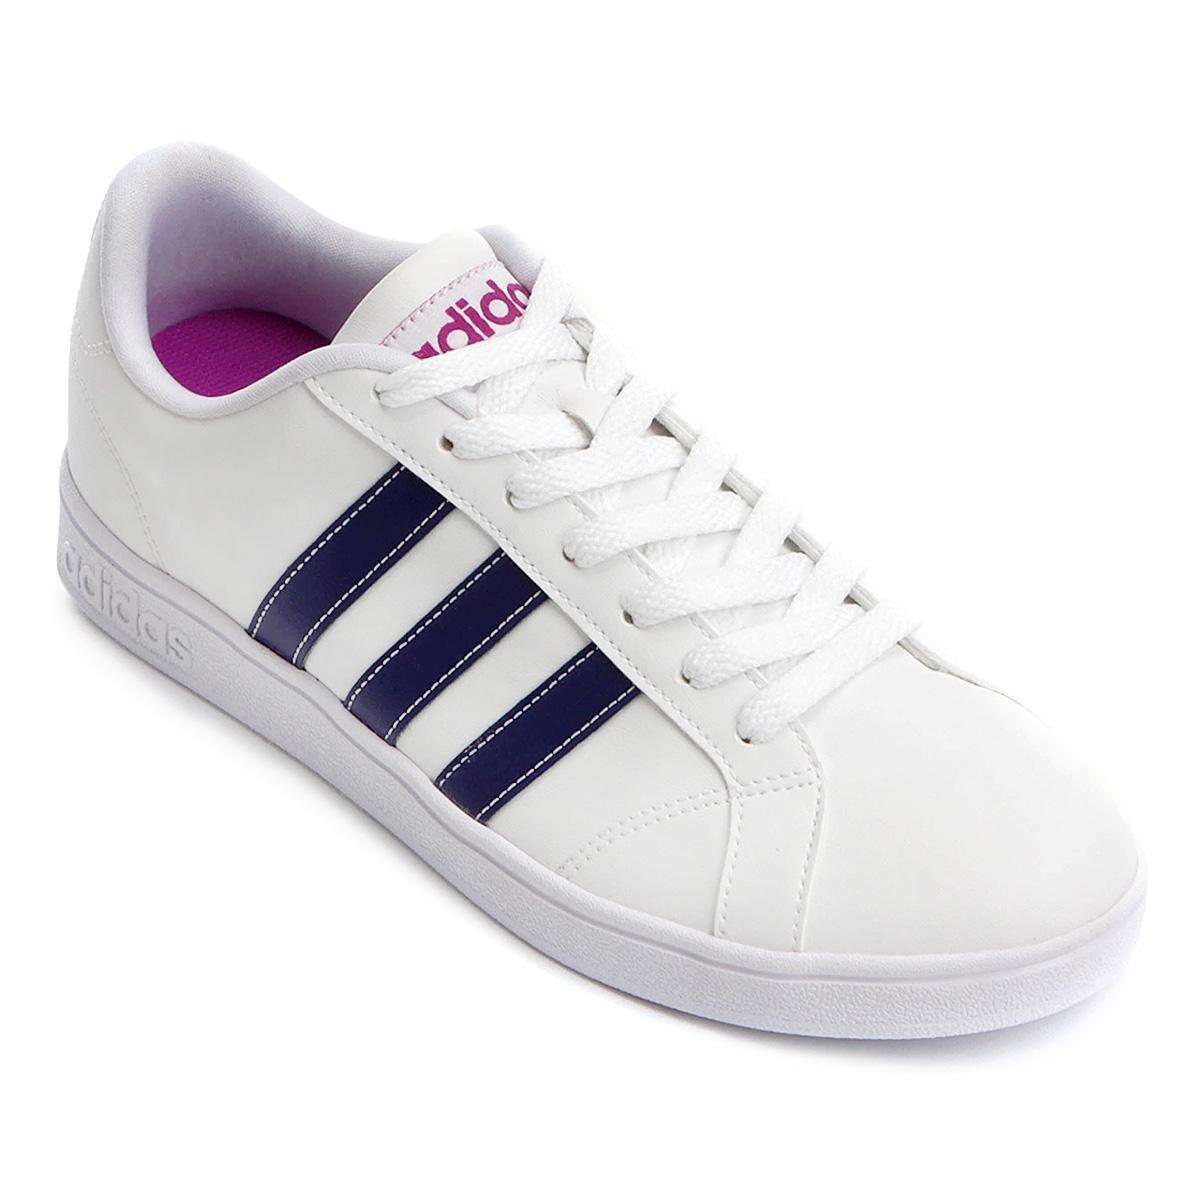 a560544e5fb Tênis Adidas Vs Advantage Feminino - Branco e Rosa - Compre Agora ...